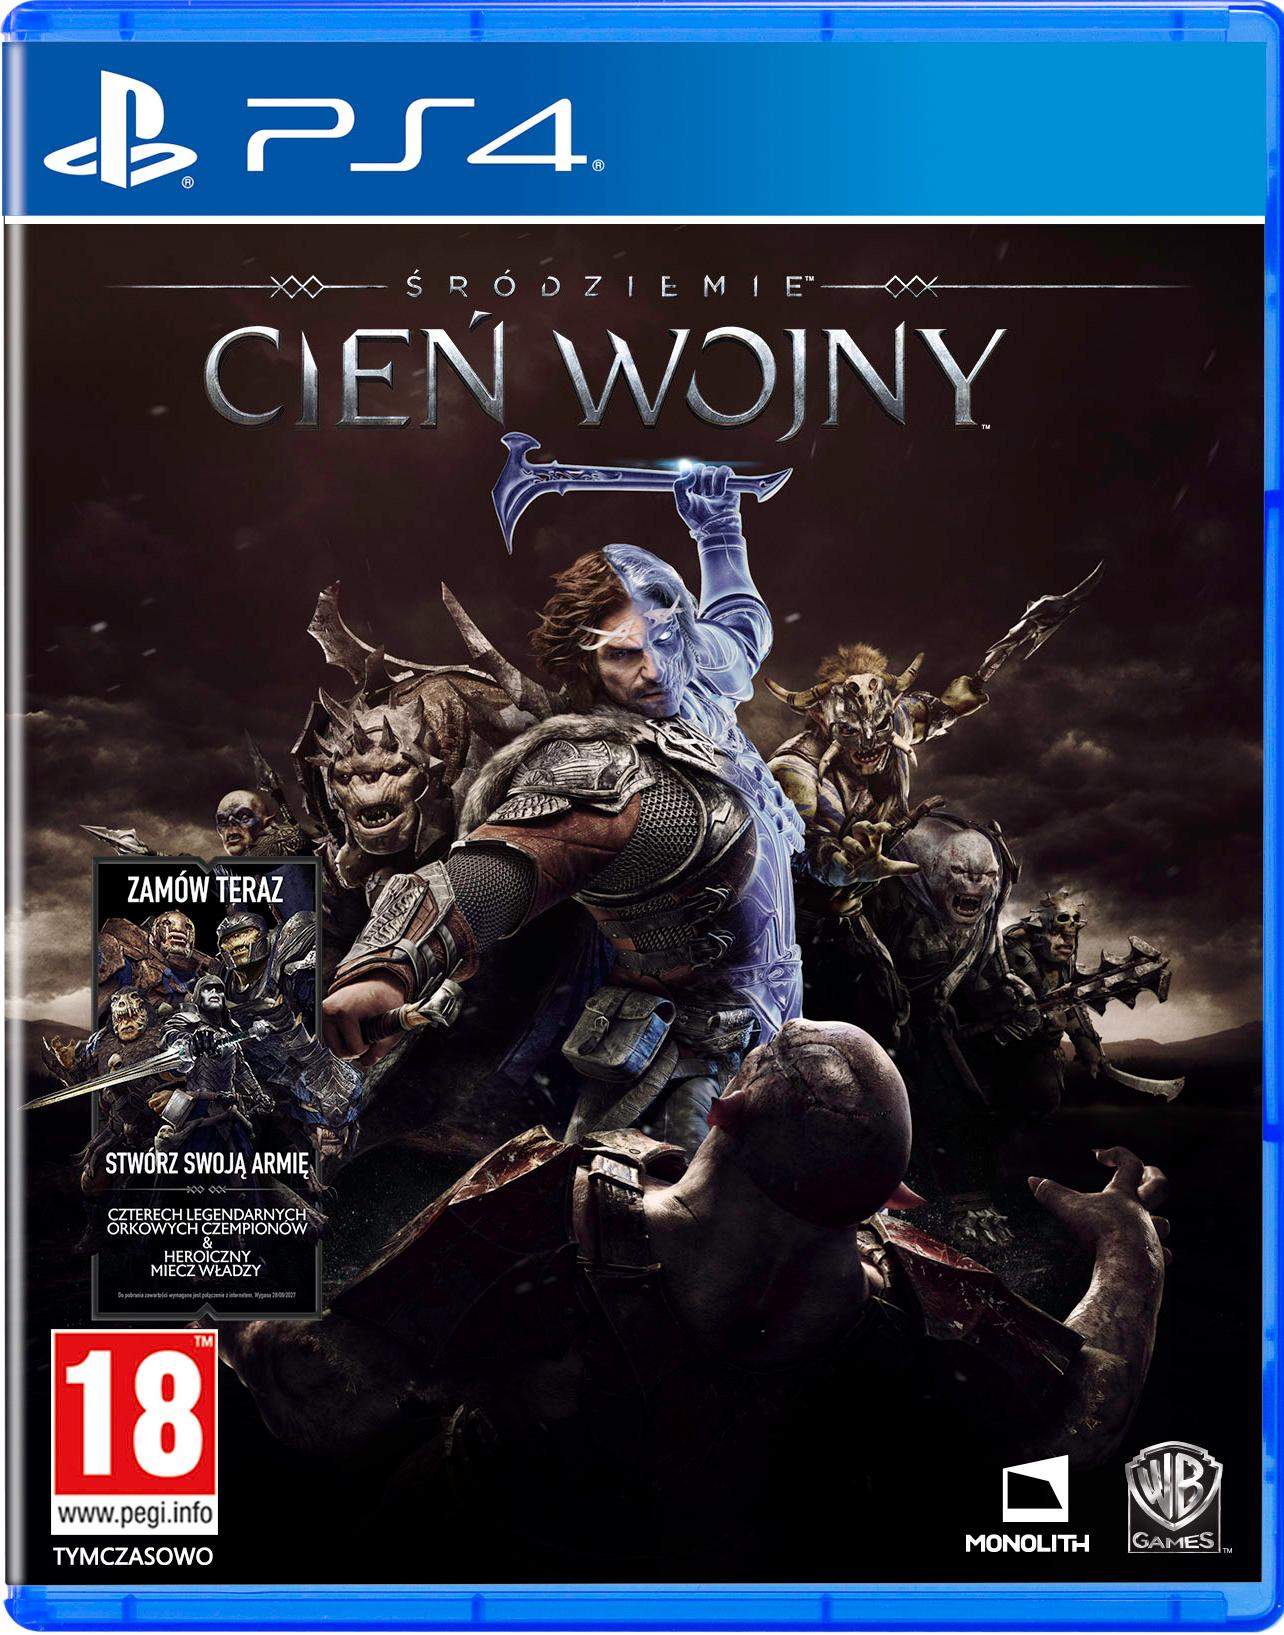 Śródziemie: Cień Wojny (PS4)